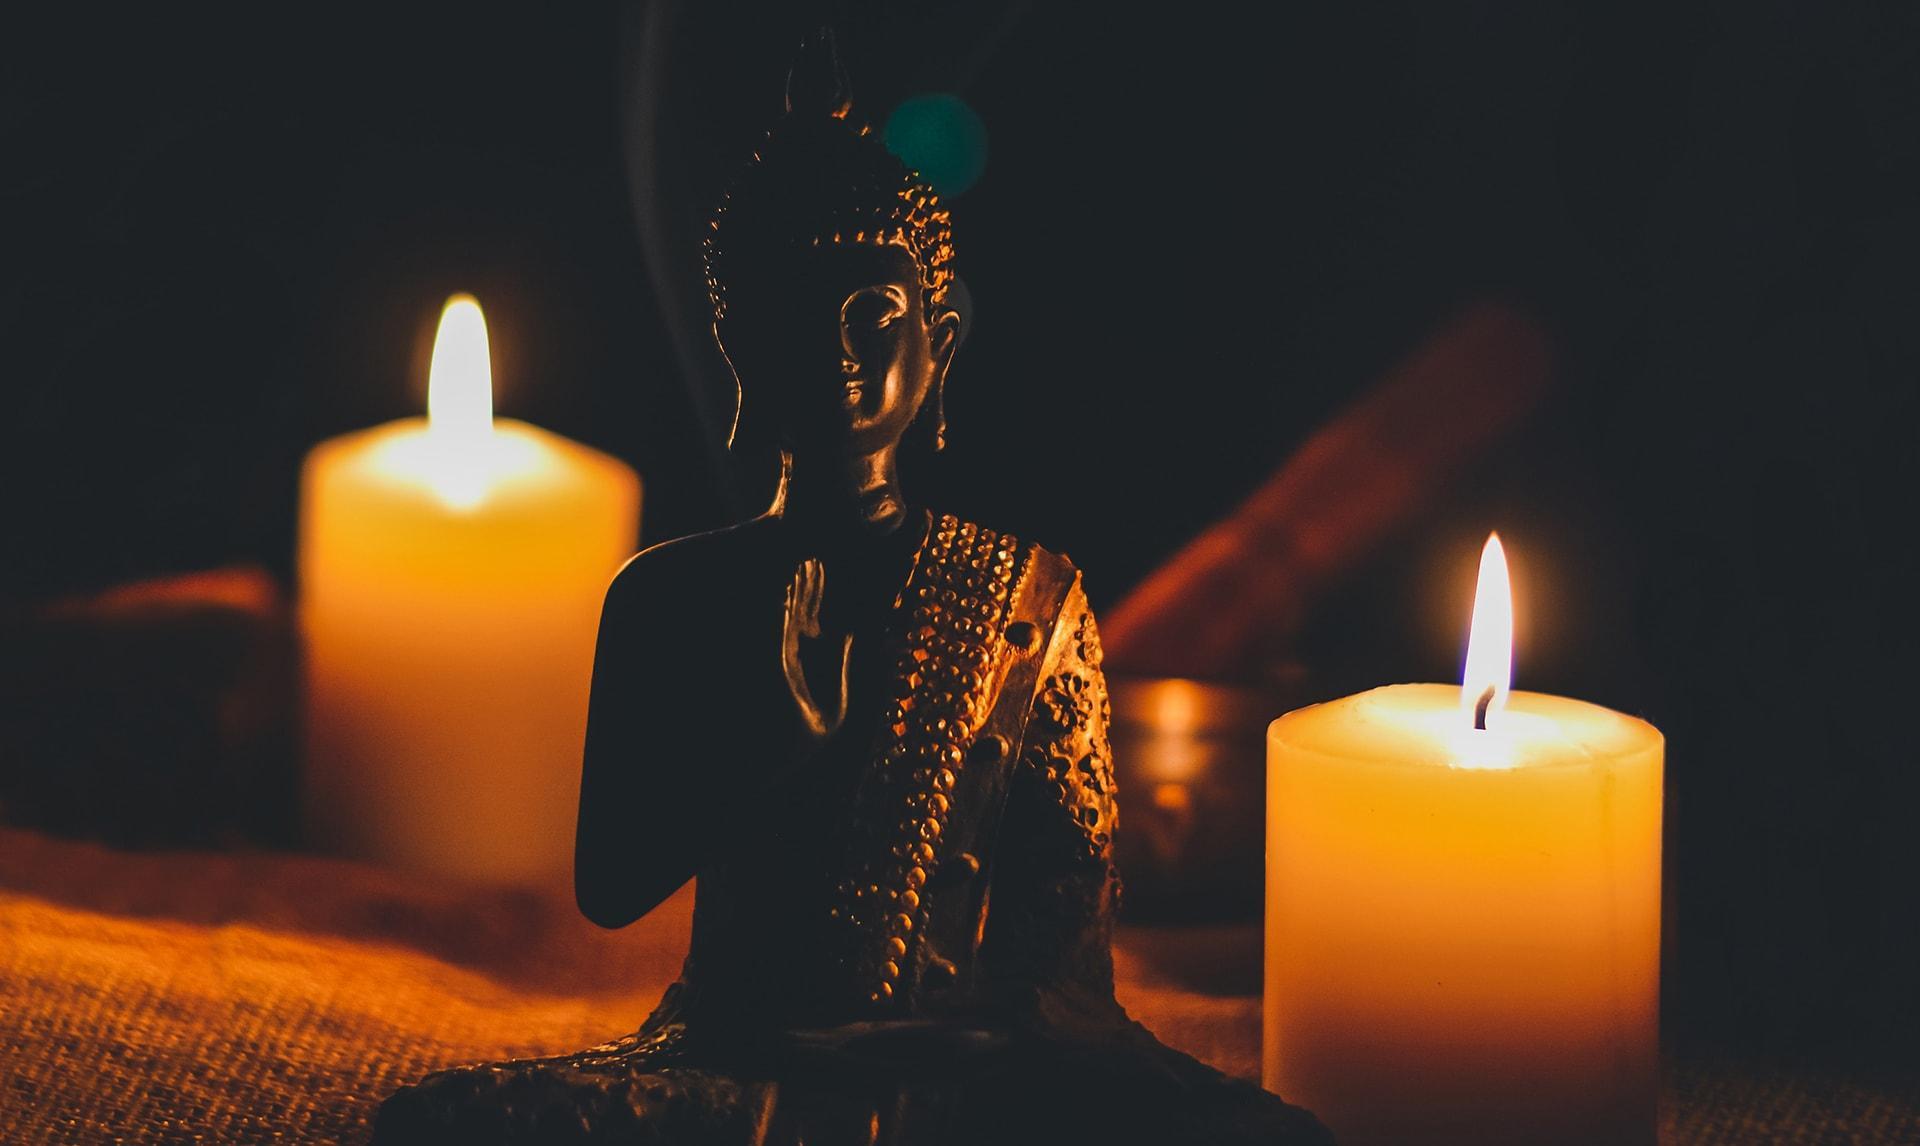 2020-04-27-artepool-idromassaggio-meditazione-01